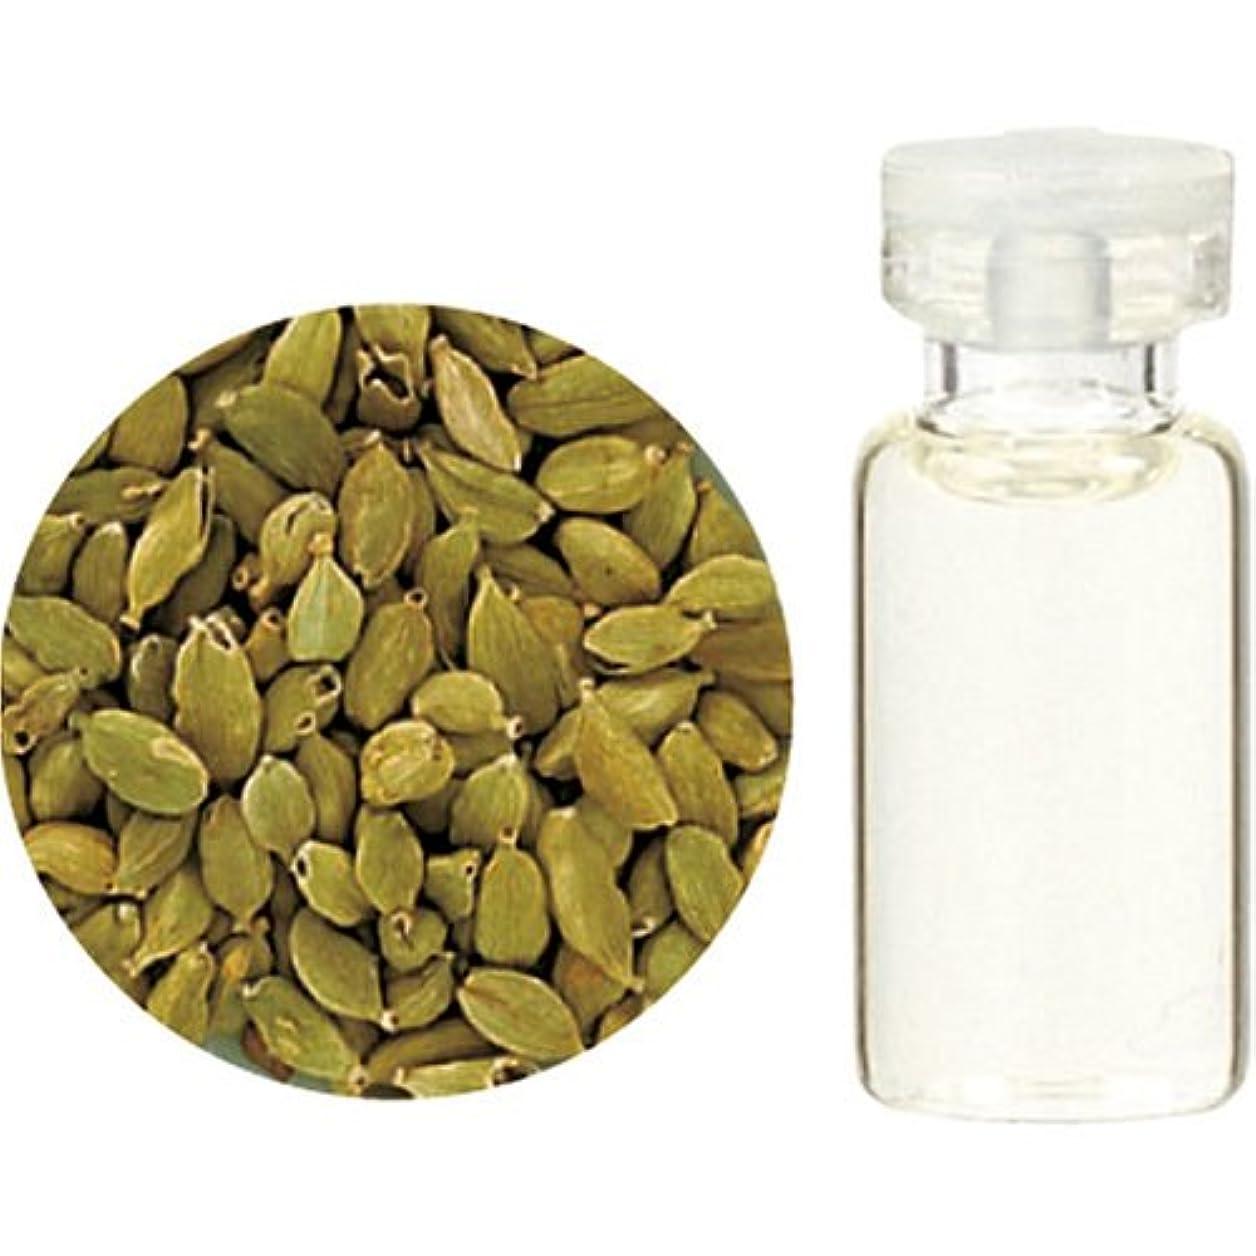 粘り強い十代土器Herbal Life カルダモン10ml